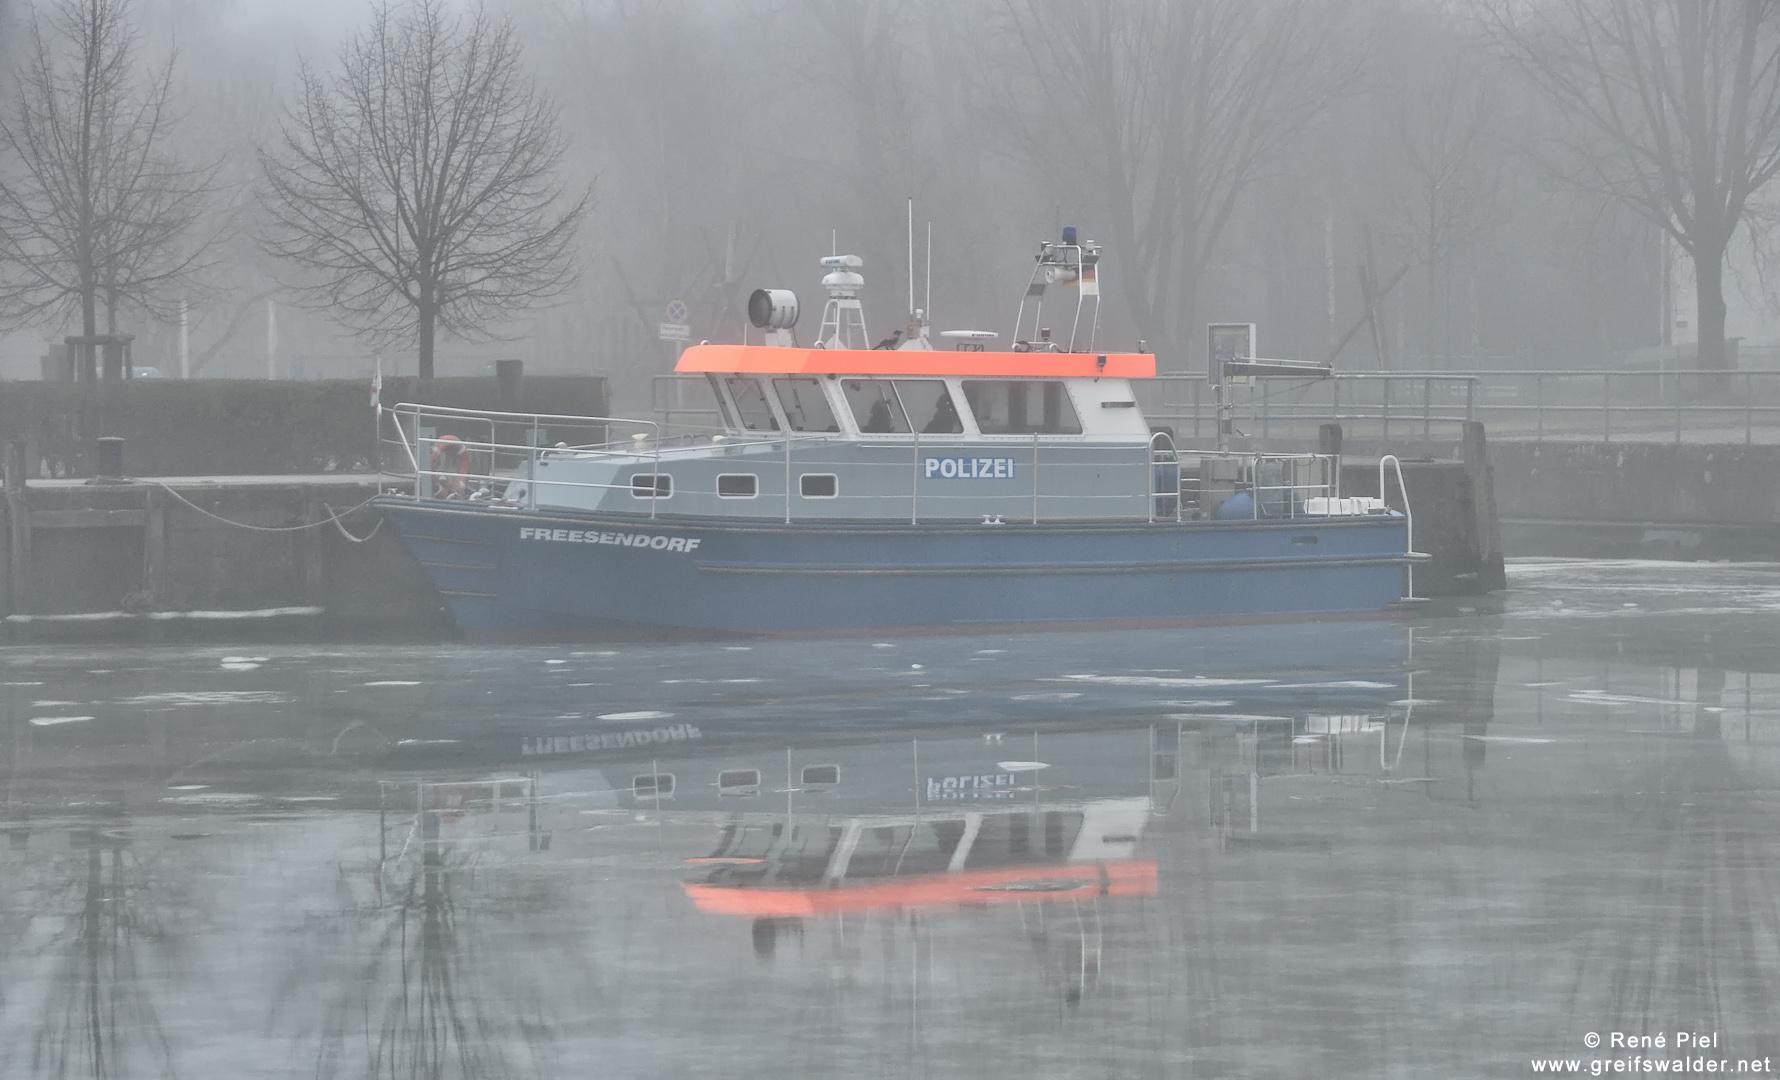 """Polizeiboot """"Freesendorf"""" im Hafen Greifswald-Wieck"""